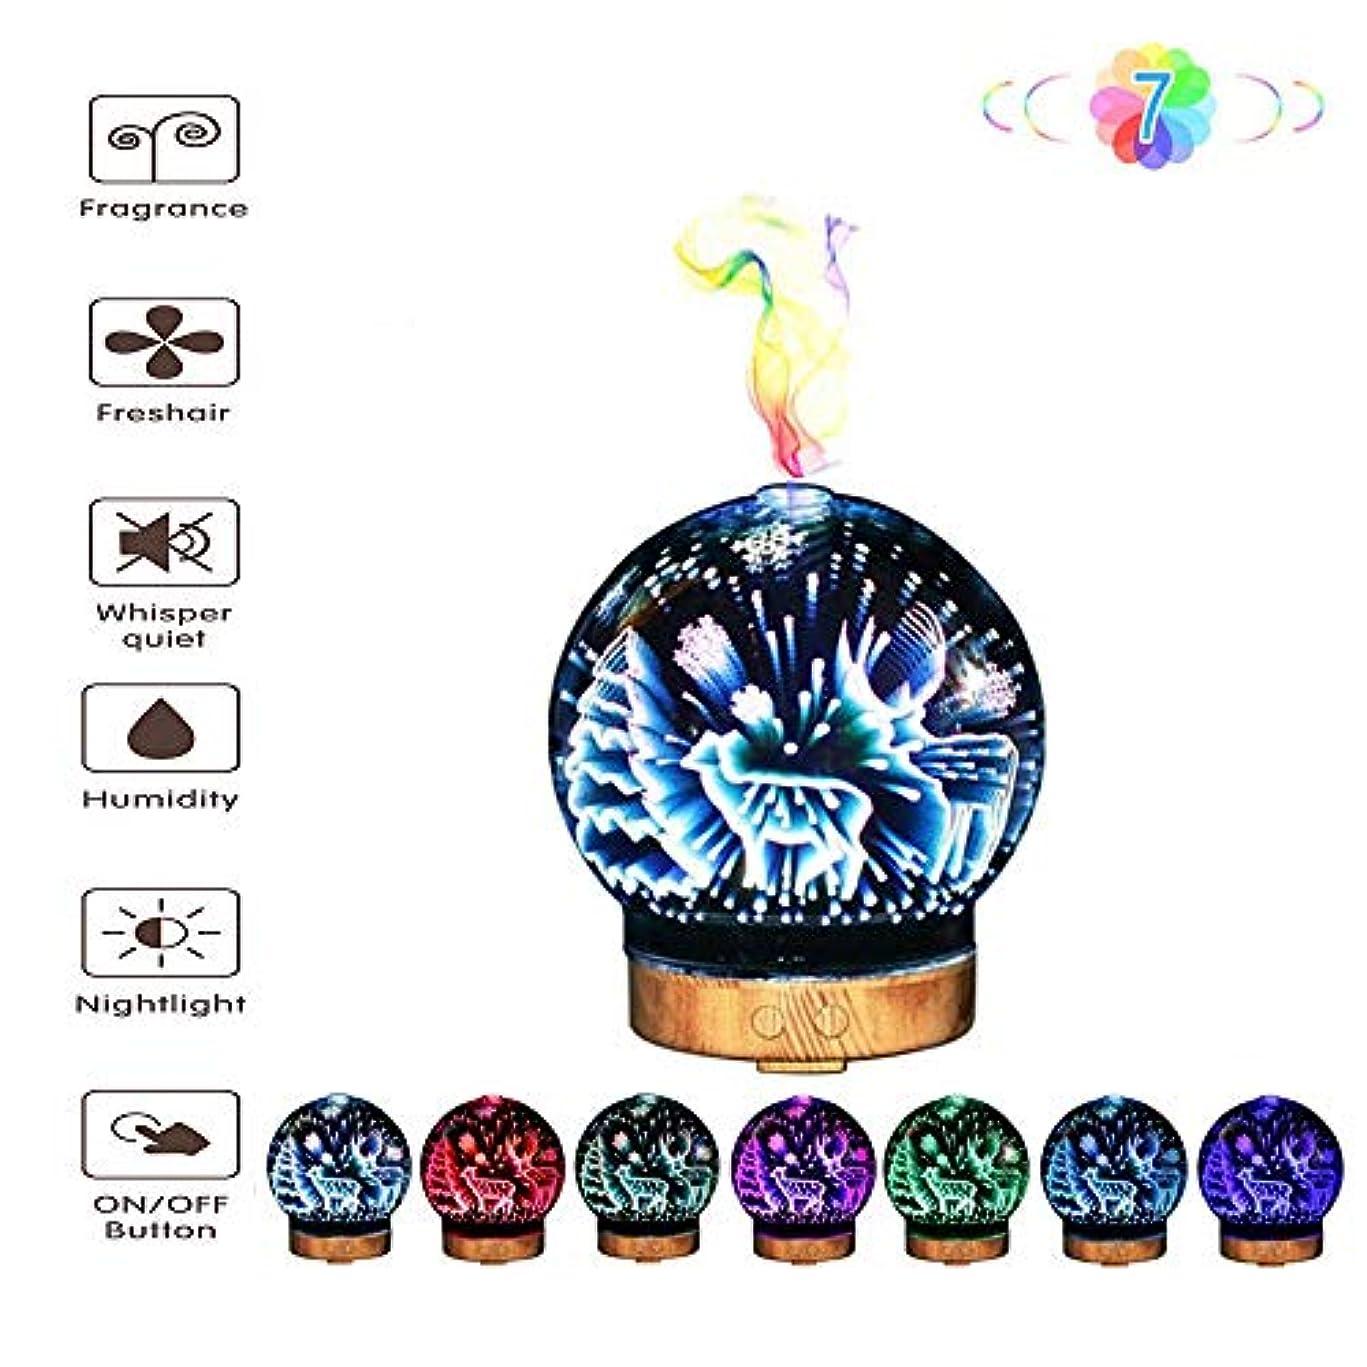 吸う平らにする丈夫エッセンシャルオイルディフューザー、アロマテラピーディフューザー - エッセンシャルオイルアロマテラピー加湿器、手作り3Dガラス - 7色LEDライト - オートシャットダウン